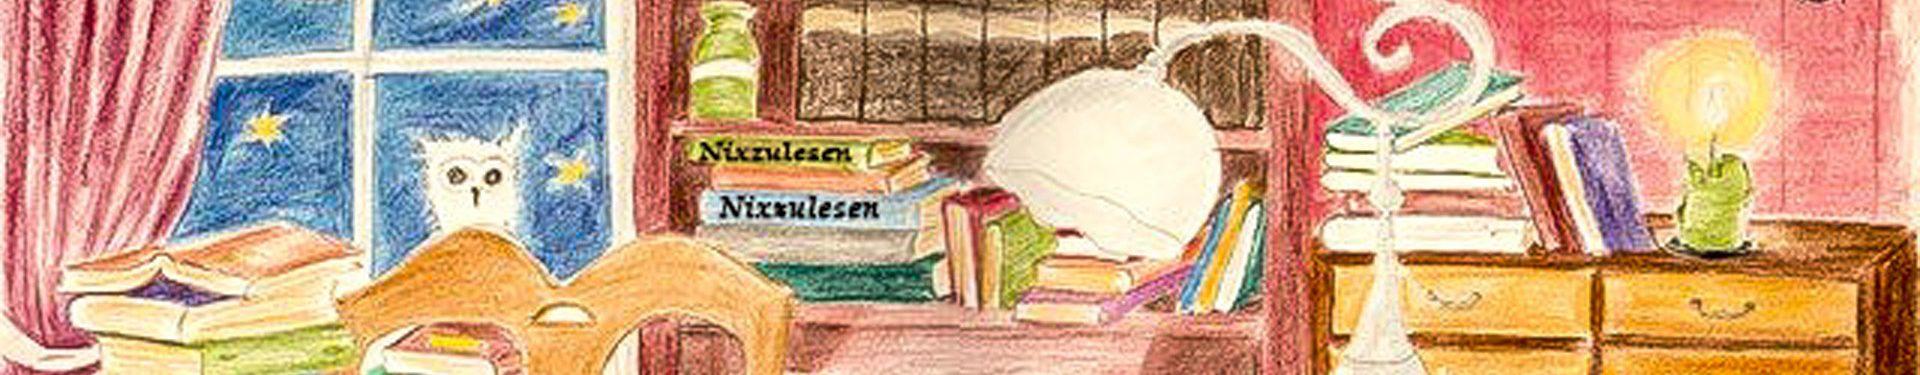 nix zu lesen